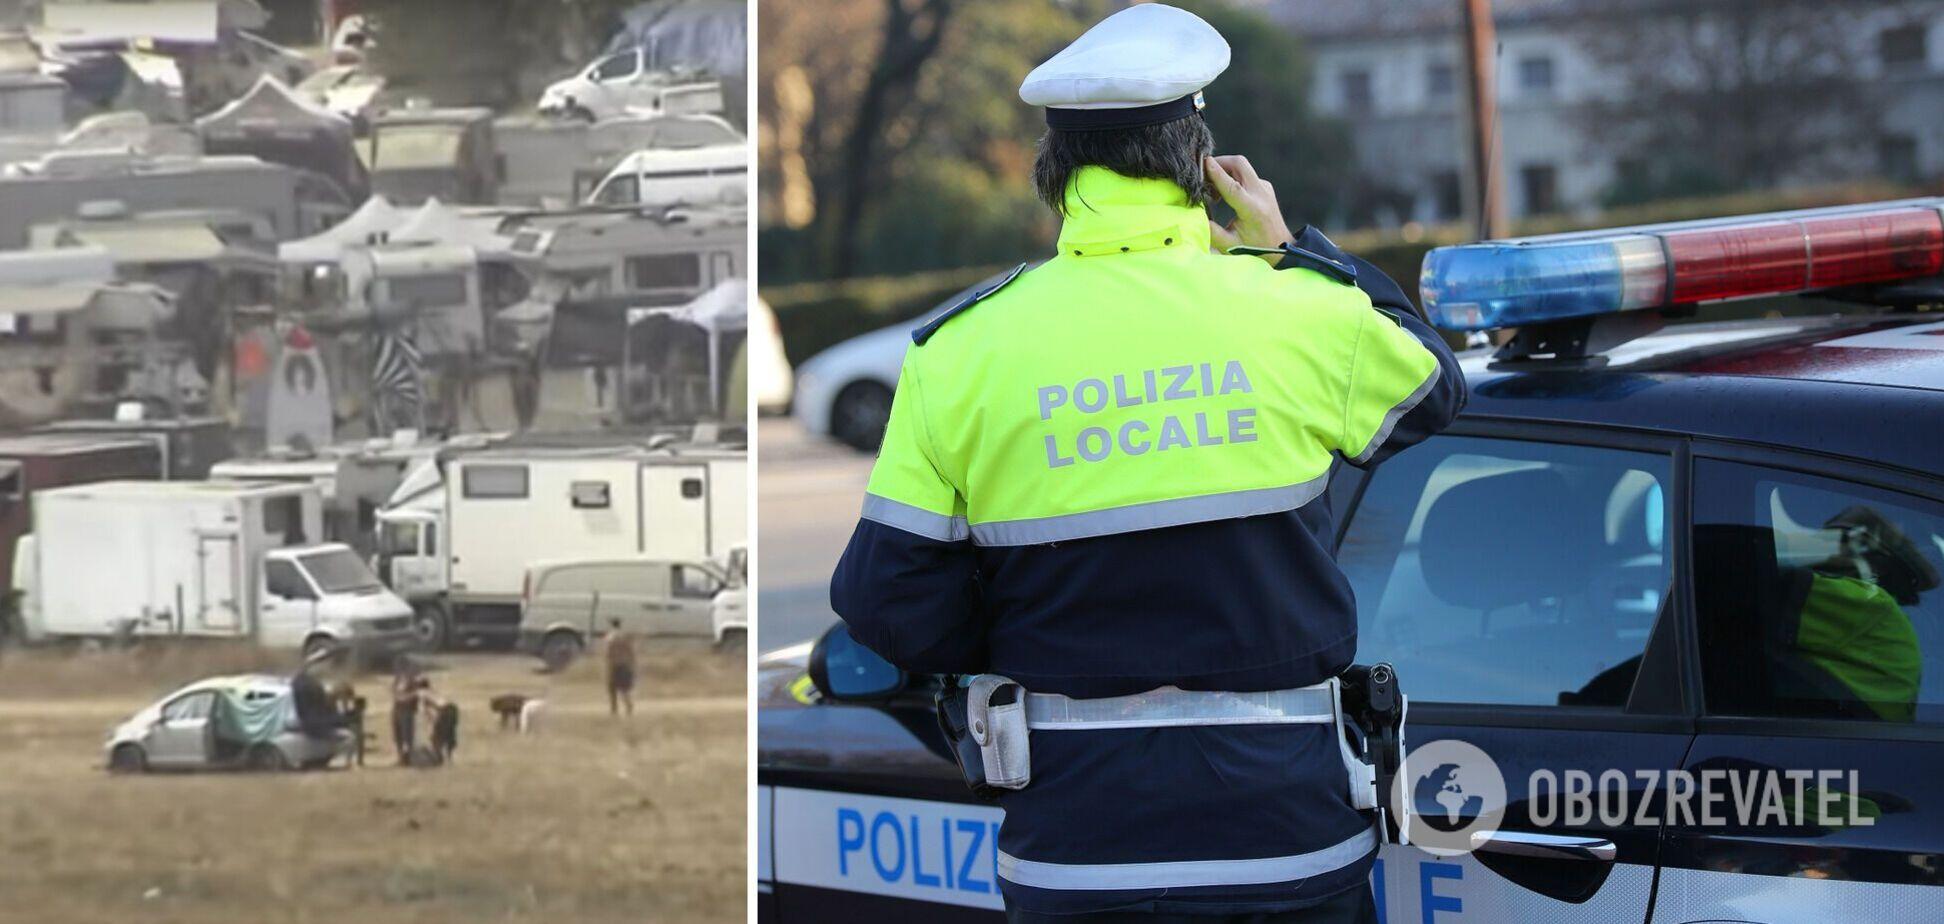 В Италии на нелегальной рэйв-вечеринке умер человек: ее участников уже пять дней не могут разогнать. Фото и видео